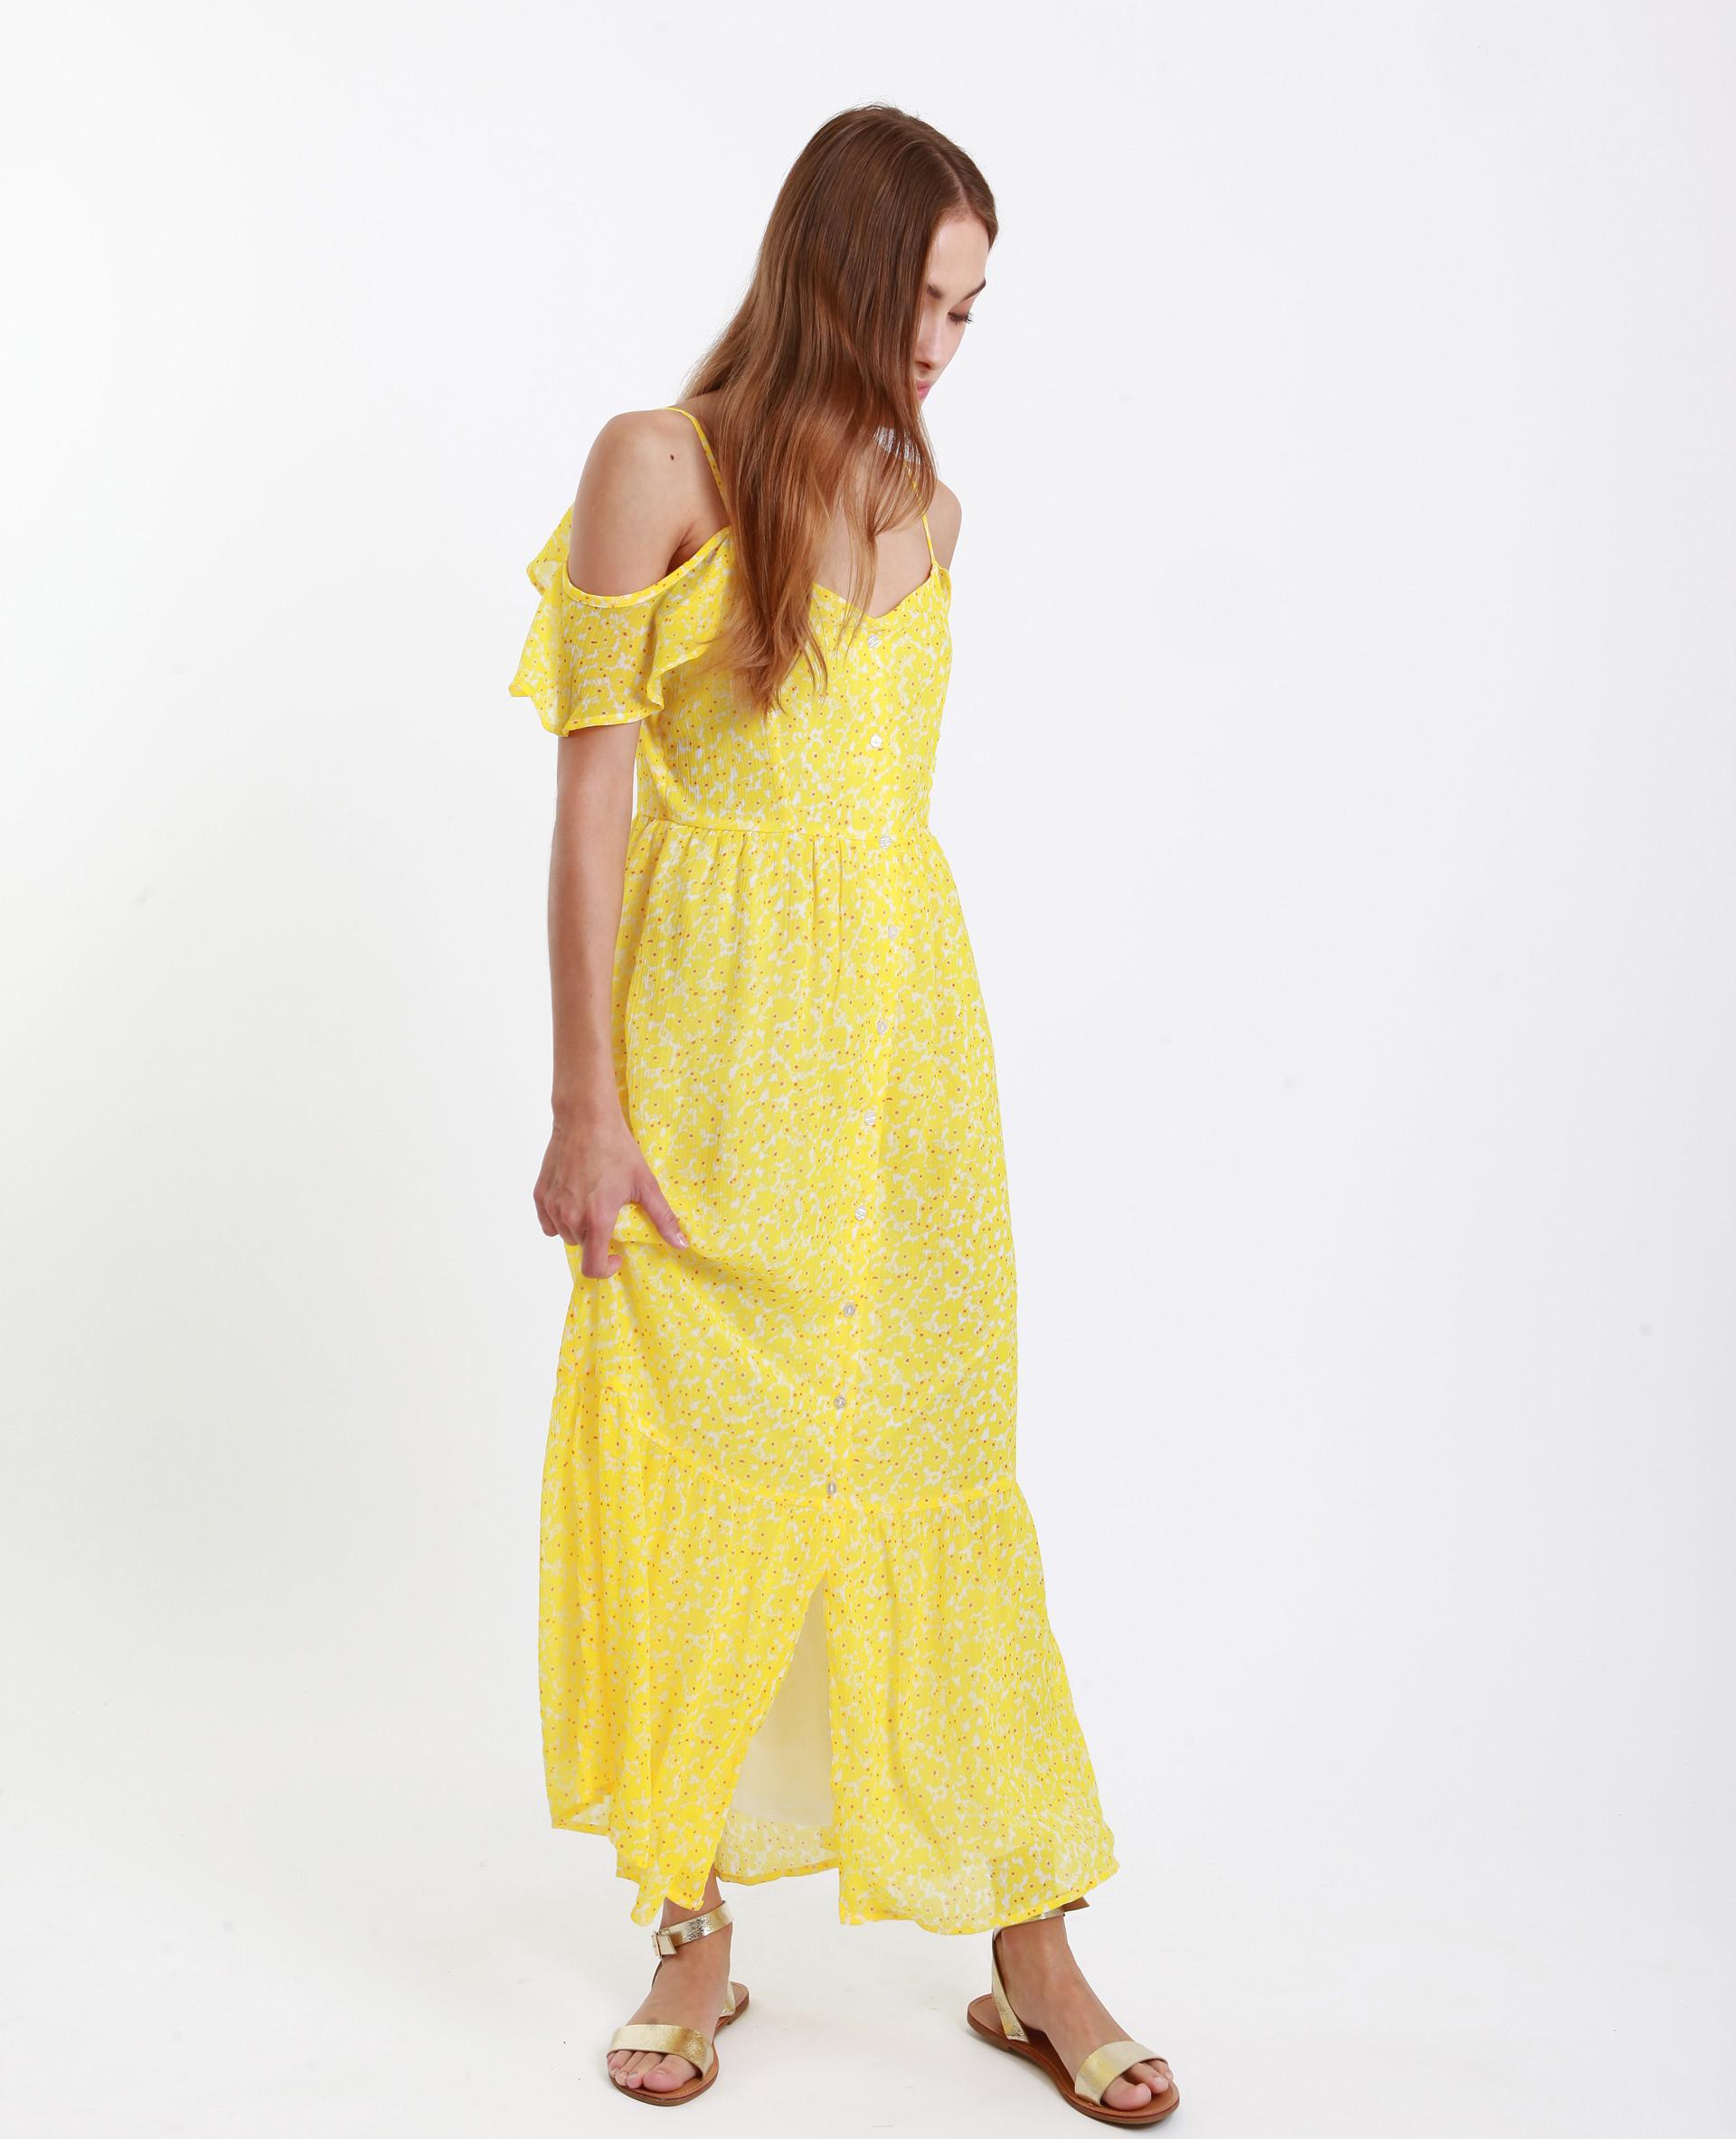 Langes Schulterfreies Kleid Gelb 55  781245016E00  Pimkie